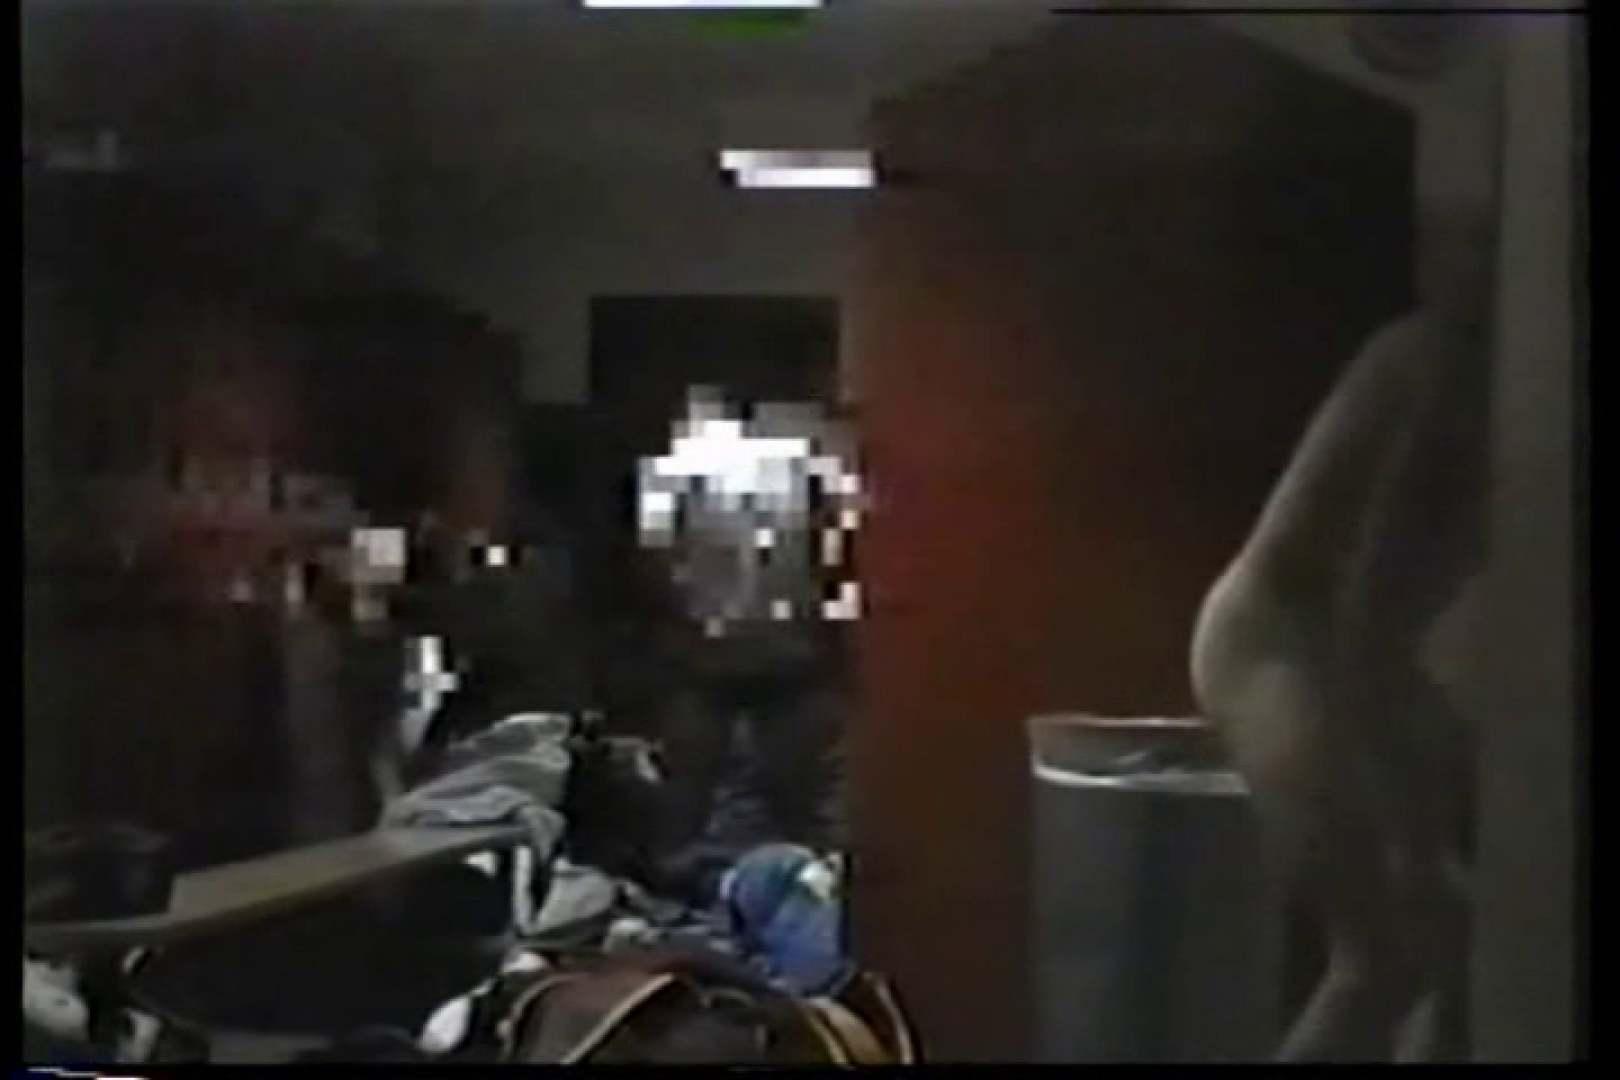 洋人さんの脱衣所を覗いてみました。VOL.1 完全無修正でお届け | ノンケボーイズ  66pic 17